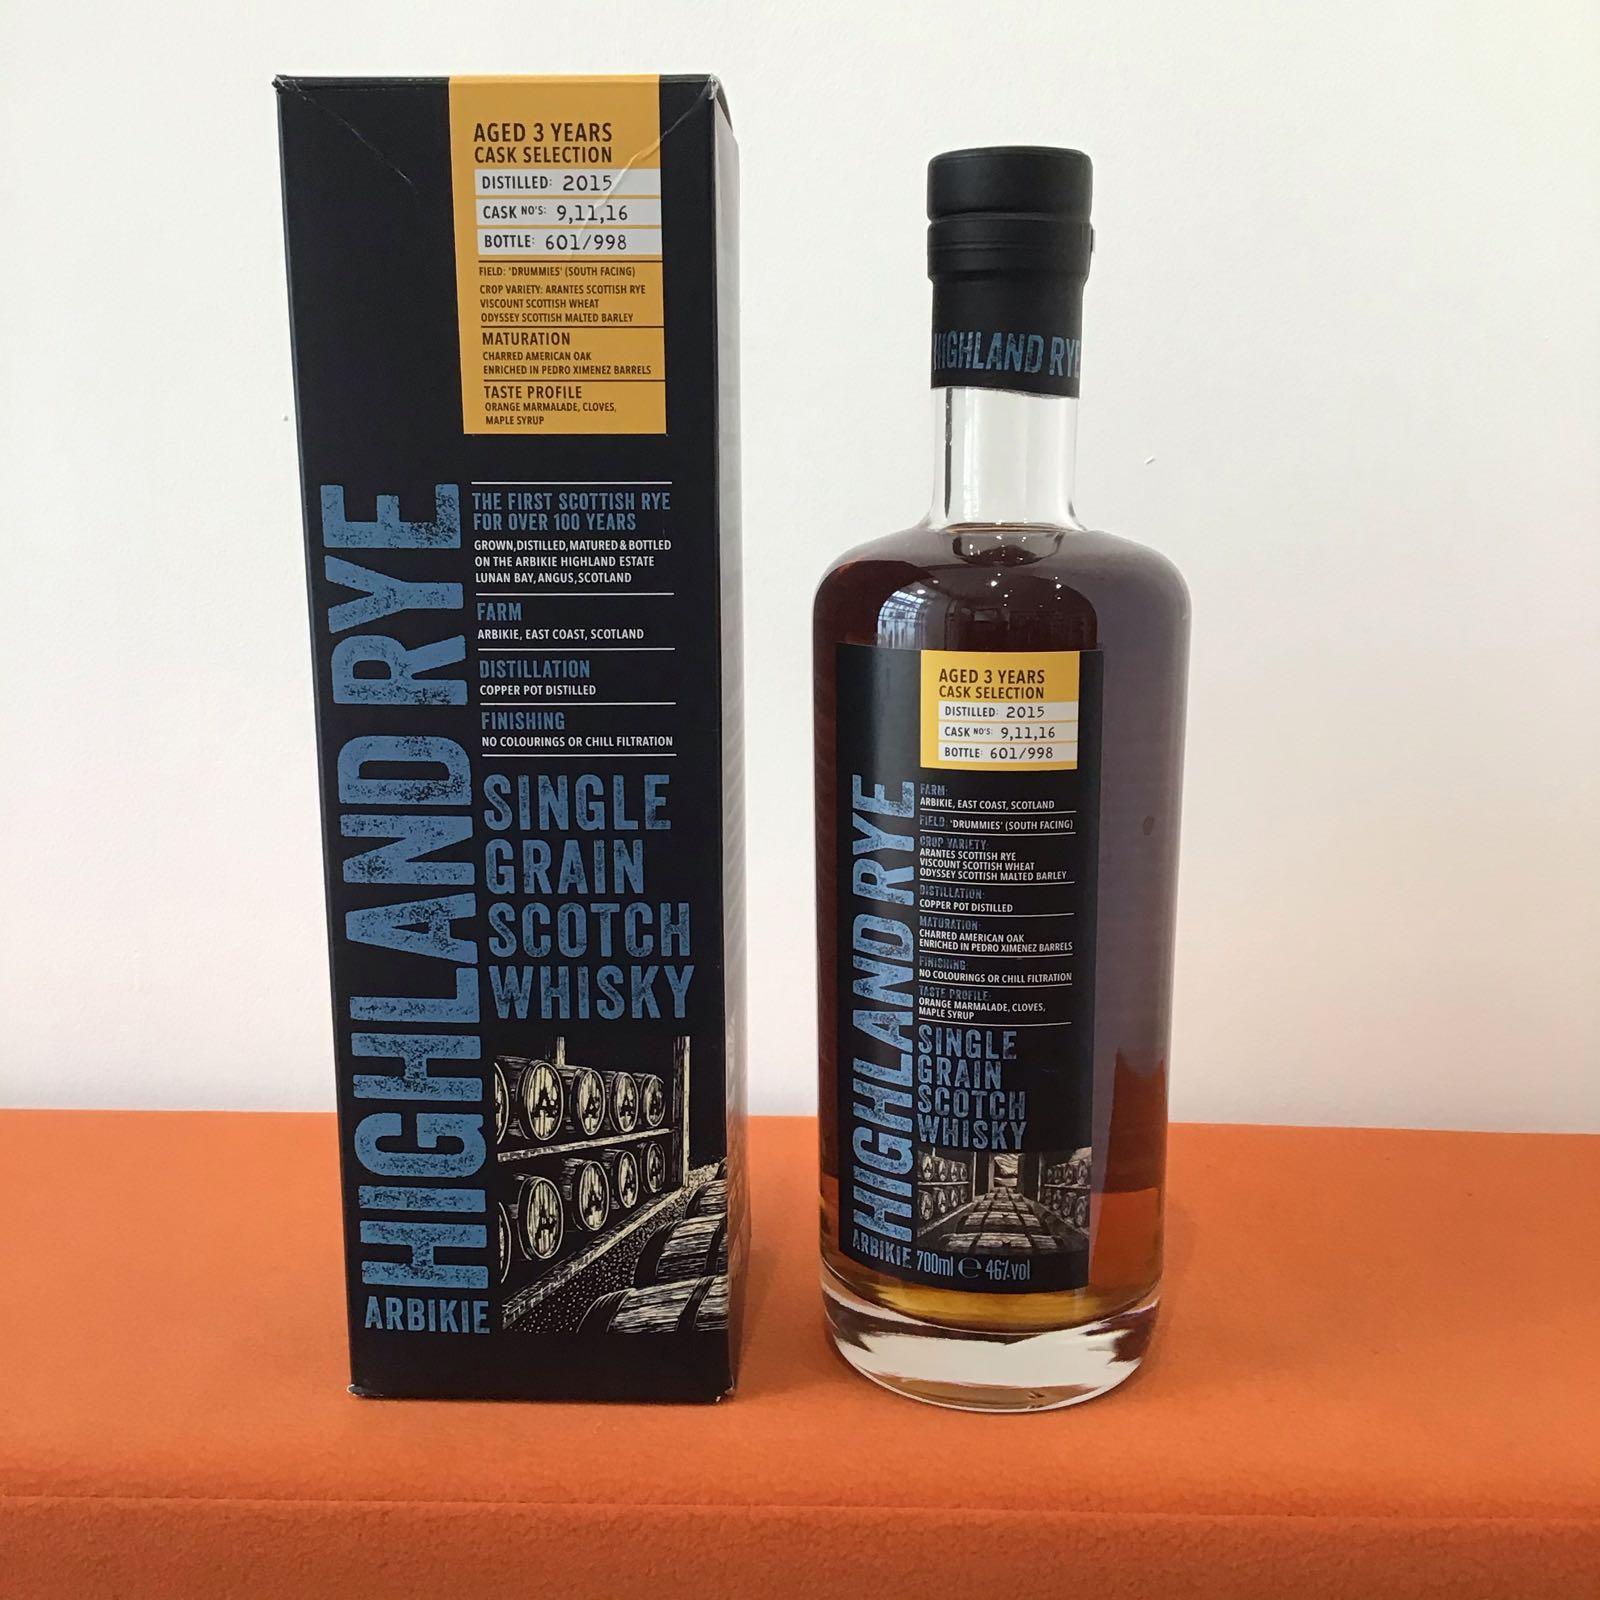 Arbikie Highland Rye (1st release)